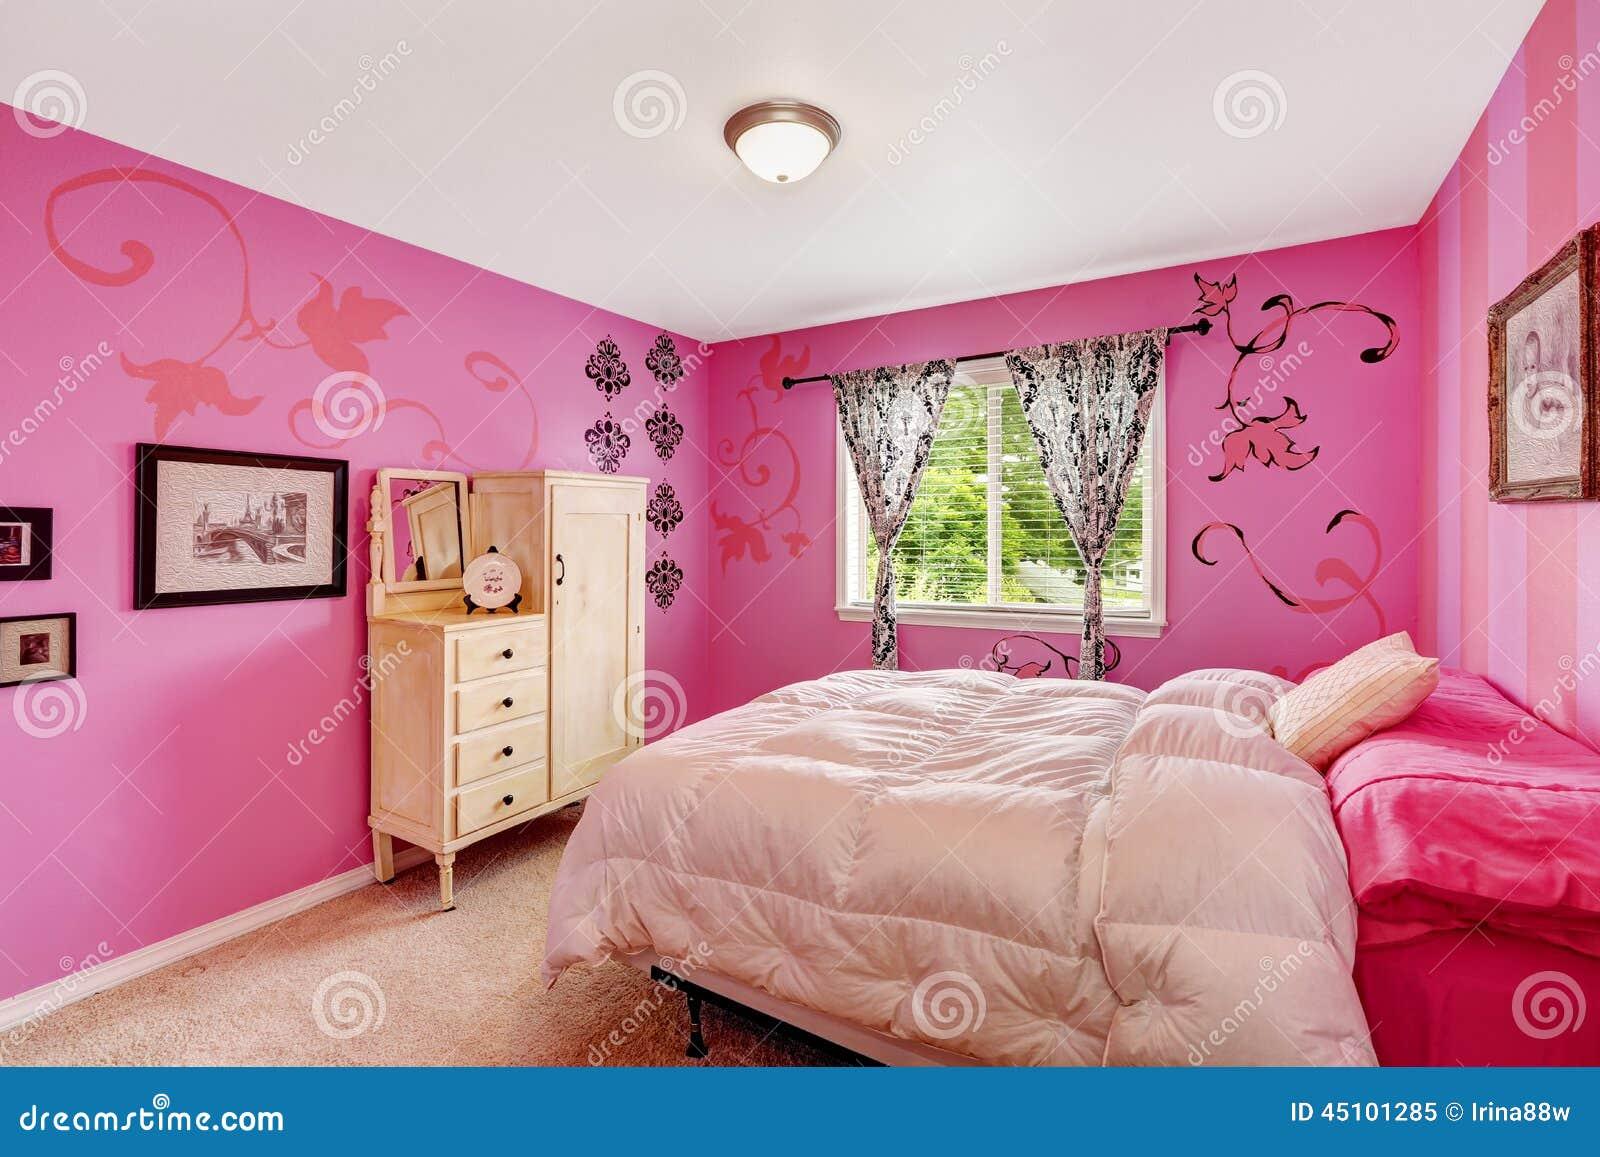 Couleur chambre fille rose et gris - Chambre a coucher fille ...